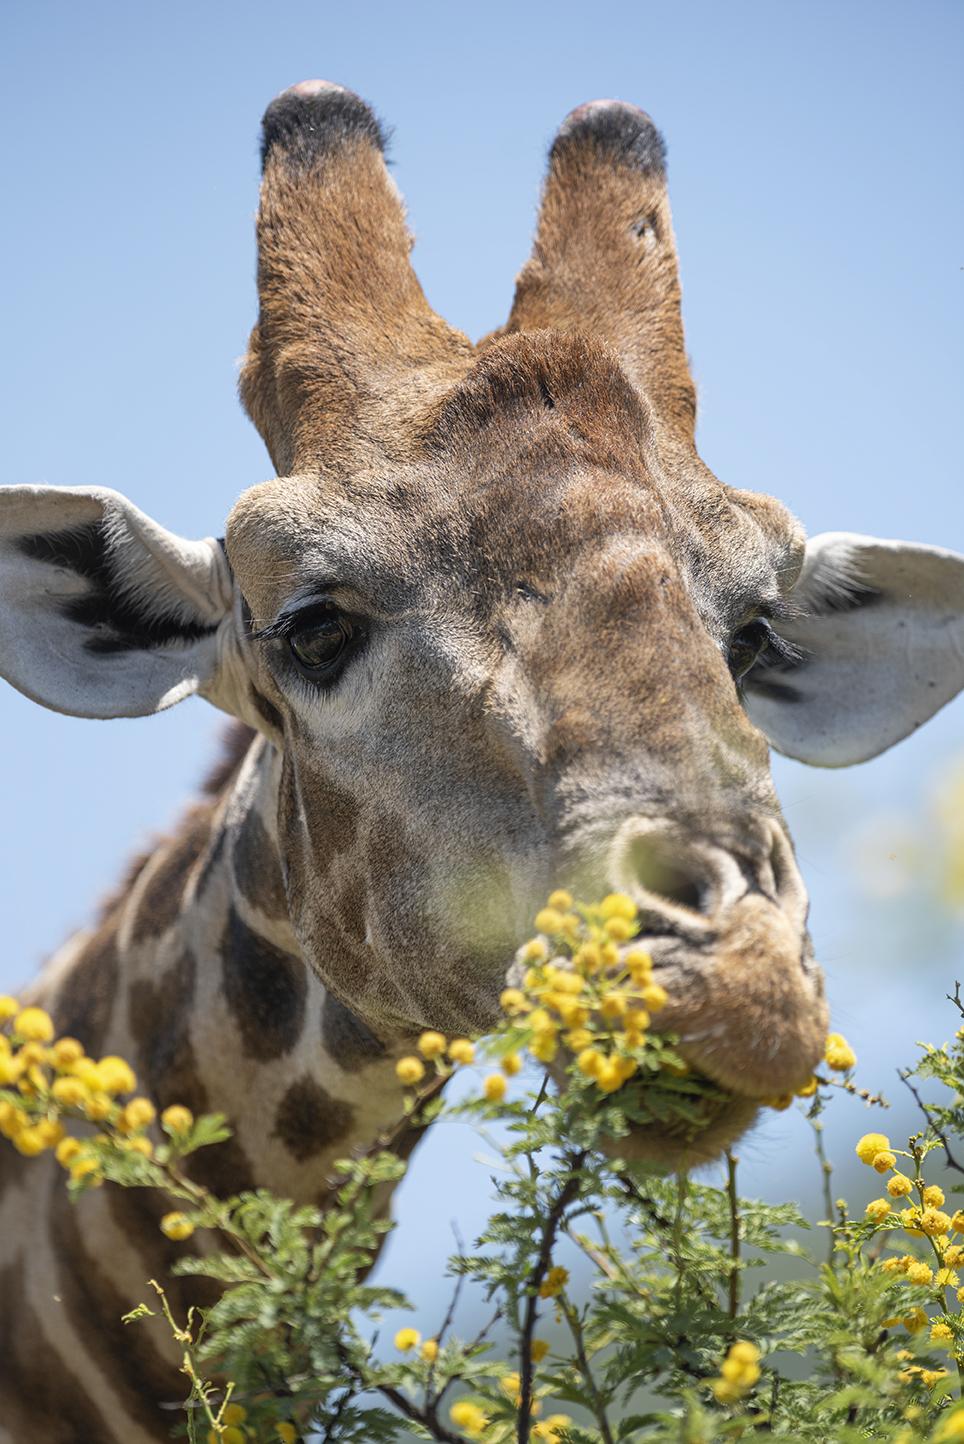 Giraffe eating yellowflowers